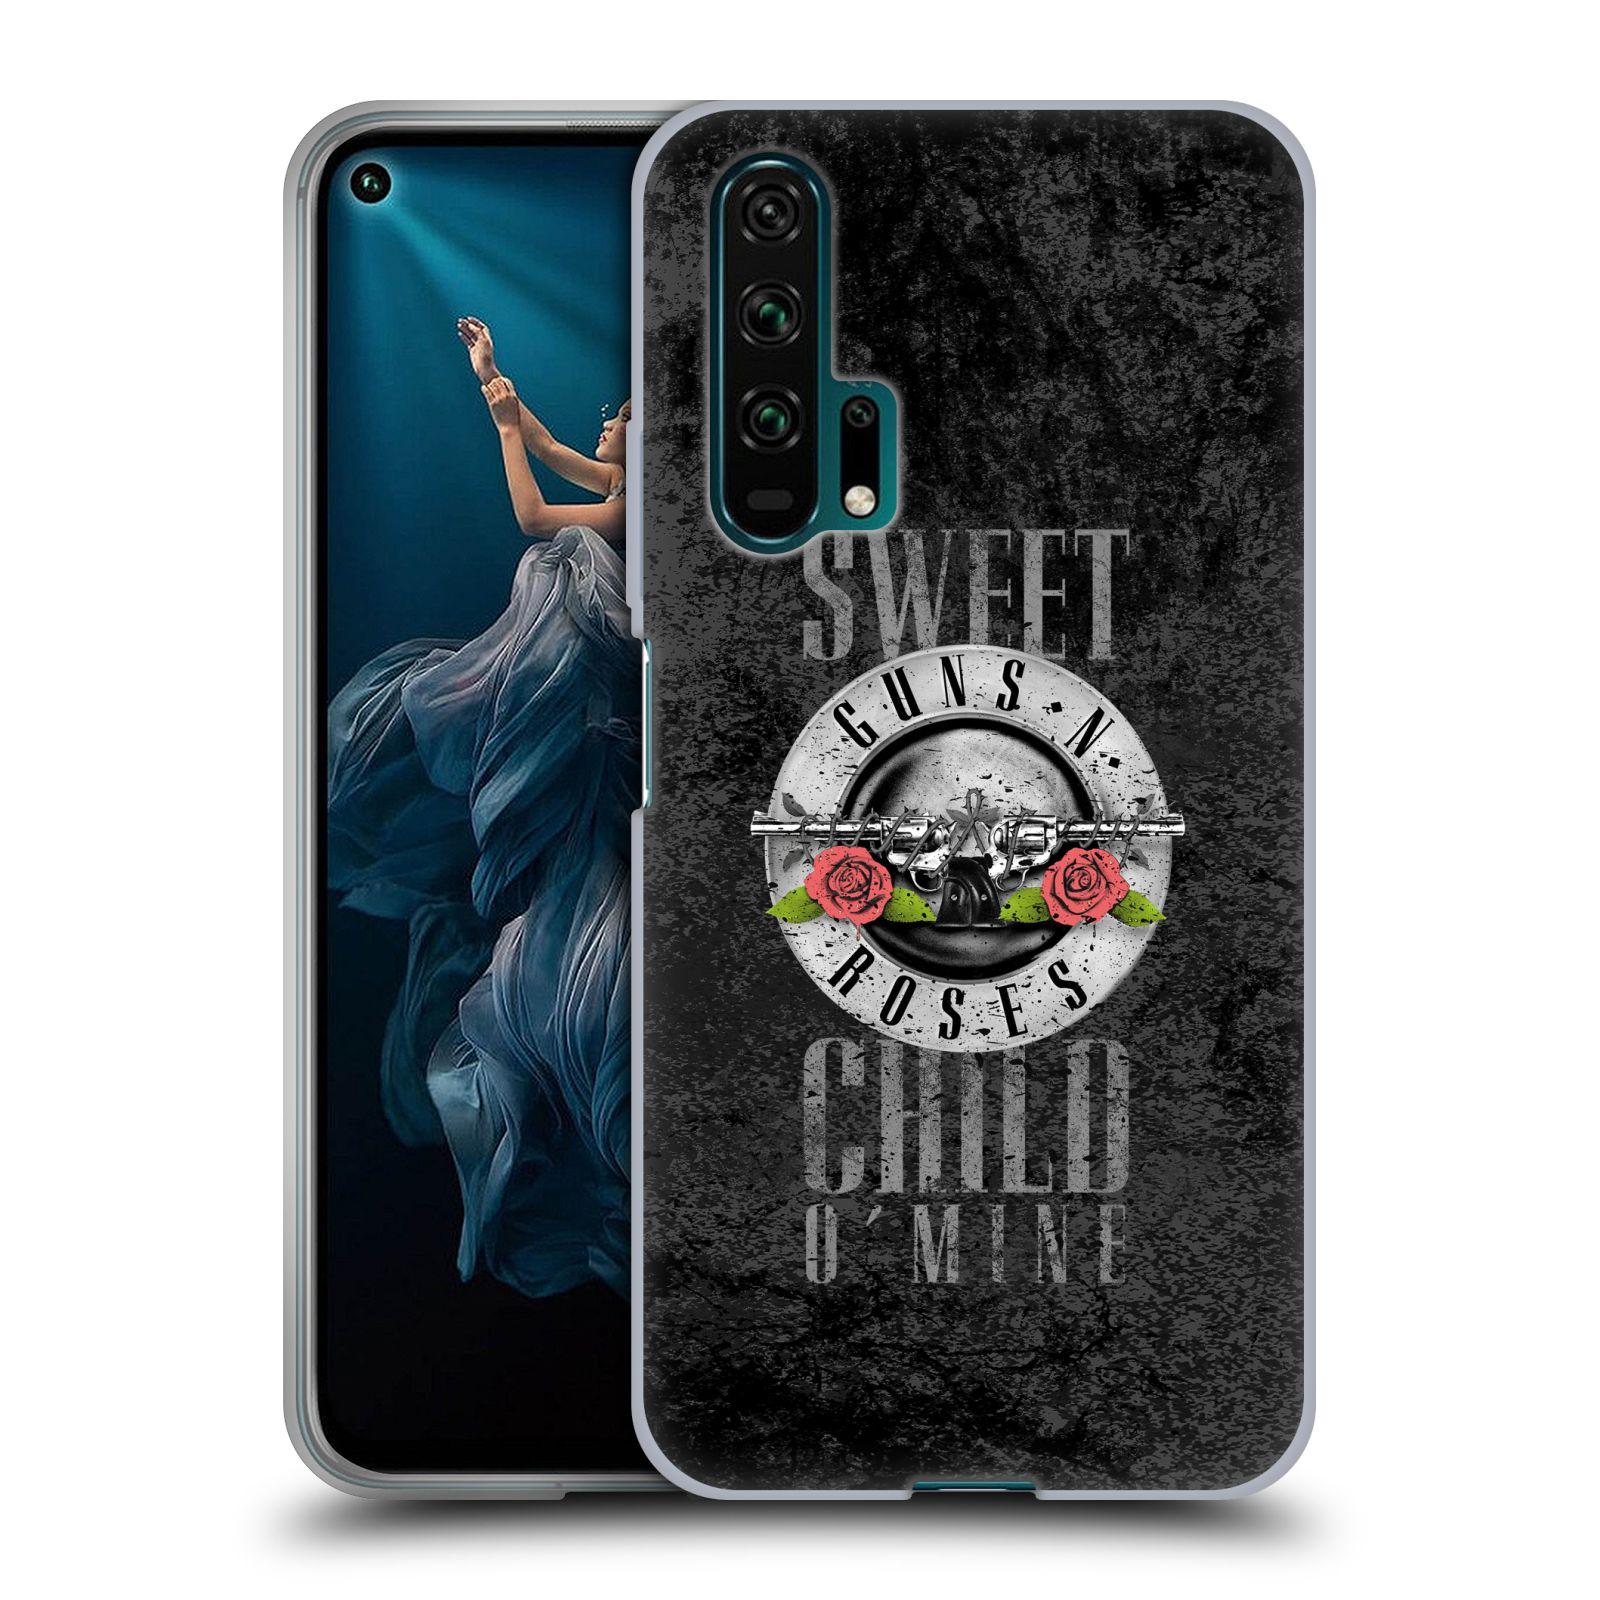 Silikonové pouzdro na mobil Honor 20 Pro - Head Case - Guns N' Roses - Sweet Child